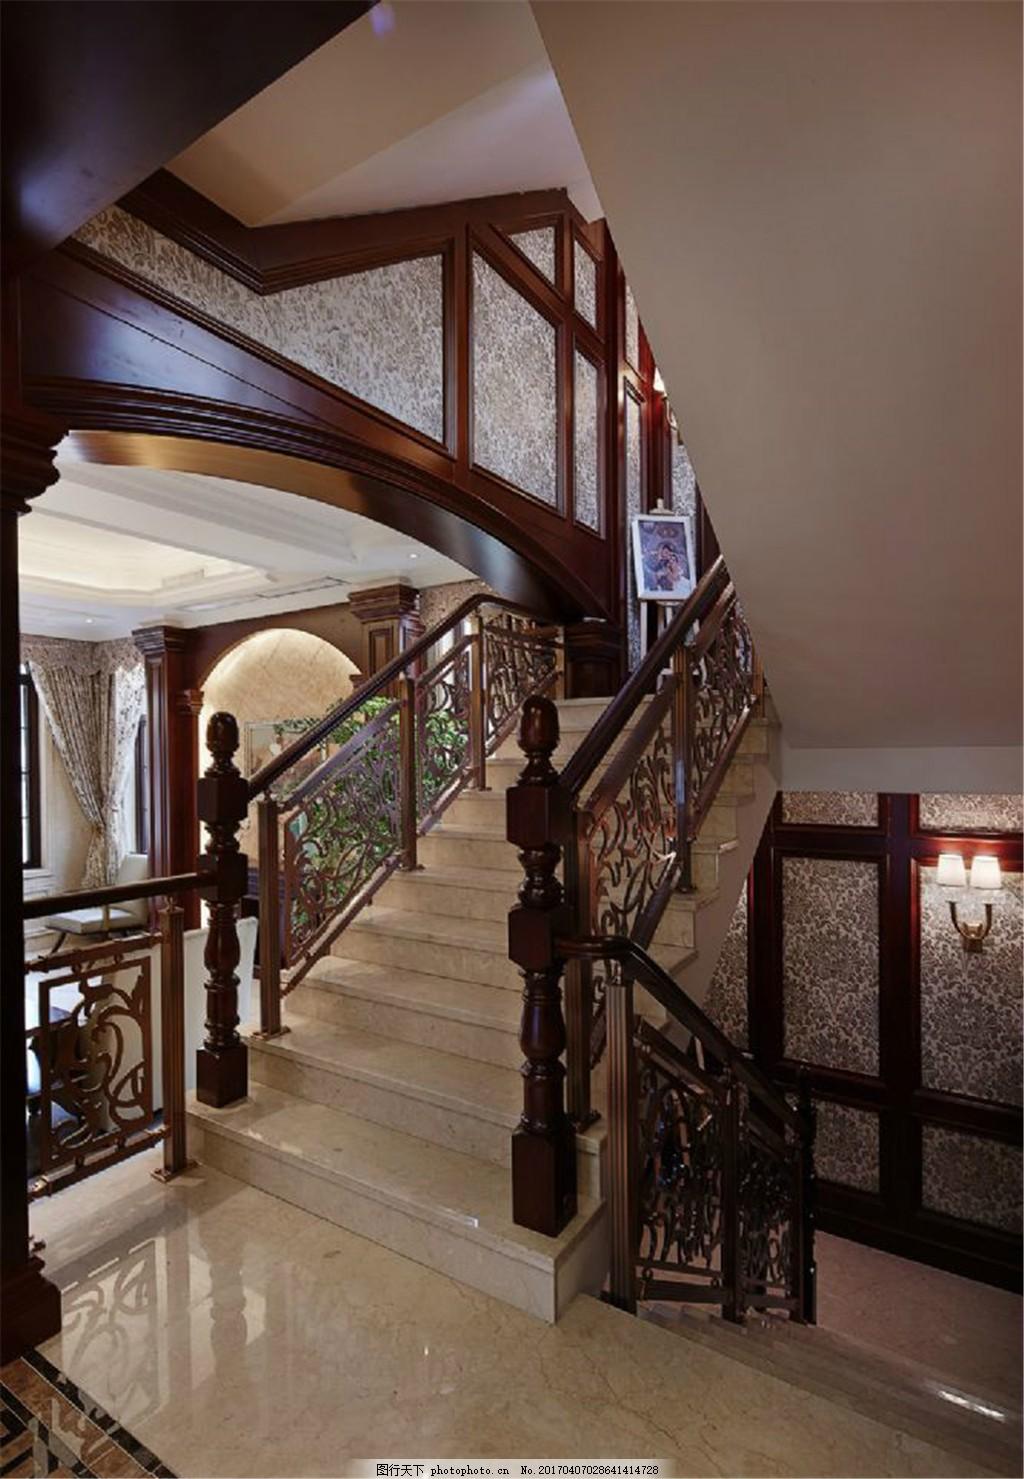 现代美式别墅楼梯间装修效果图 室内设计 家装效果图 美式装修效果图